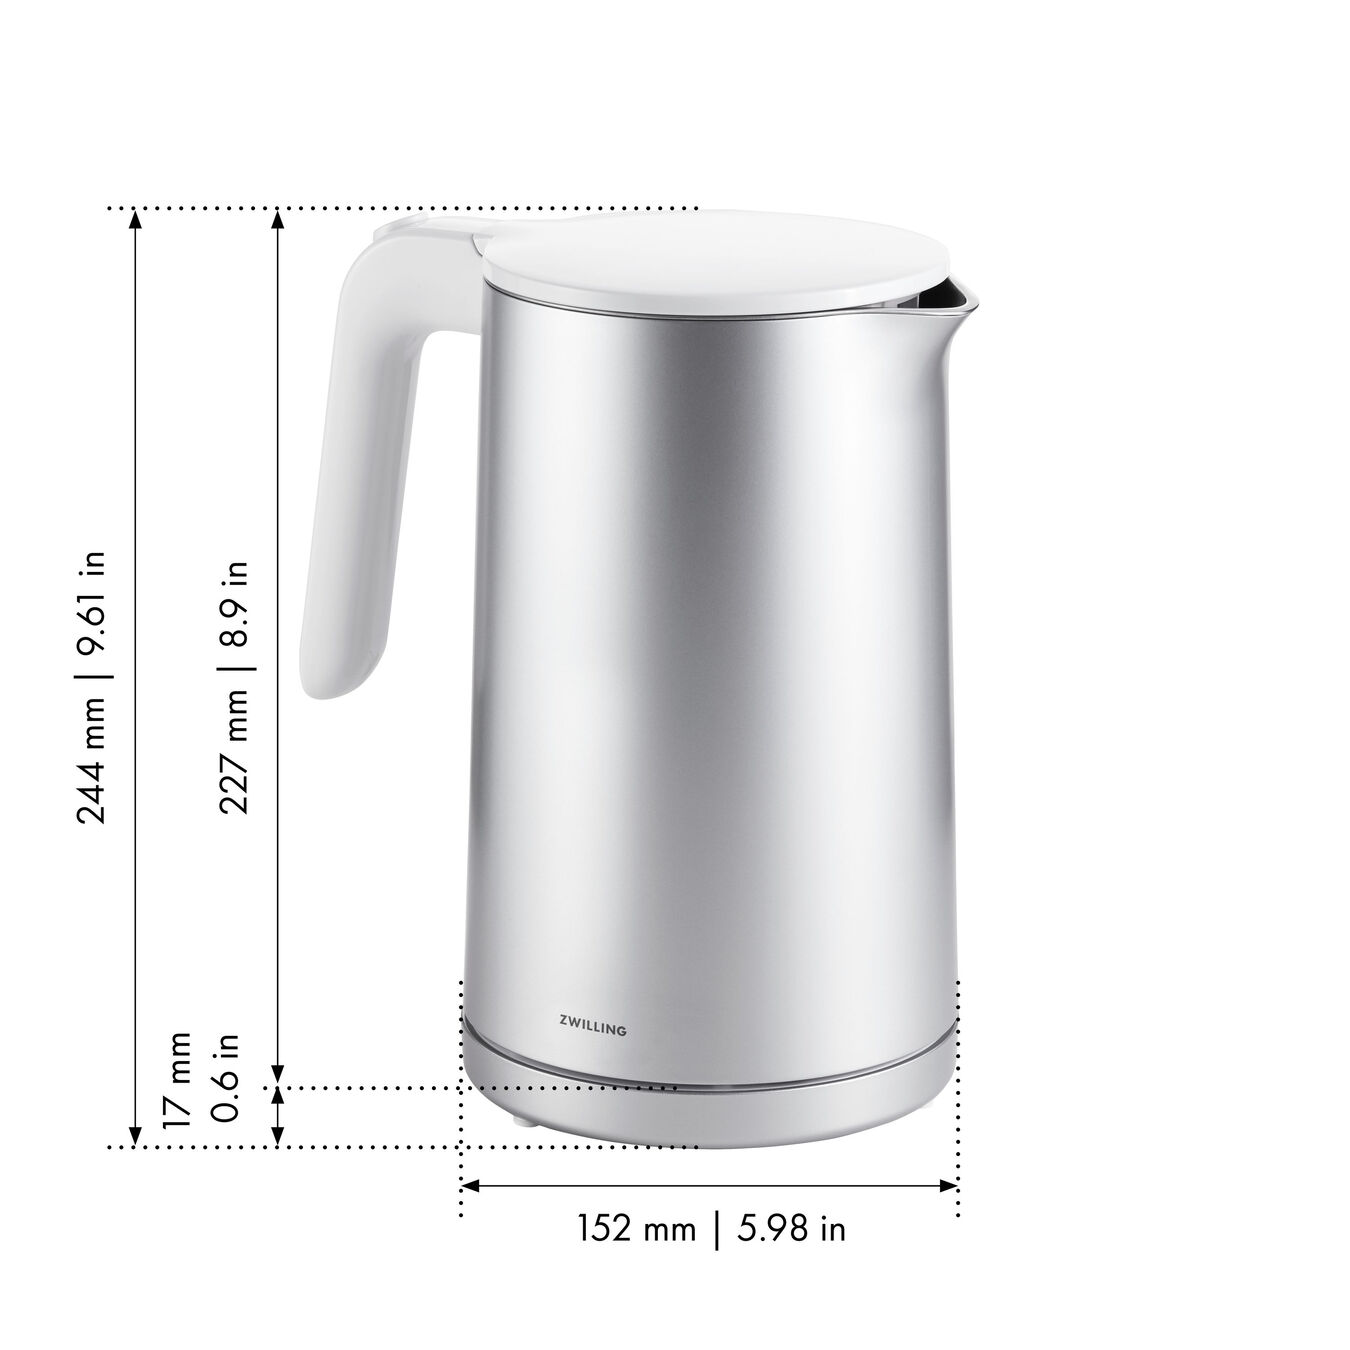 Bollitore elettrico - 1,5 l, argento,,large 7